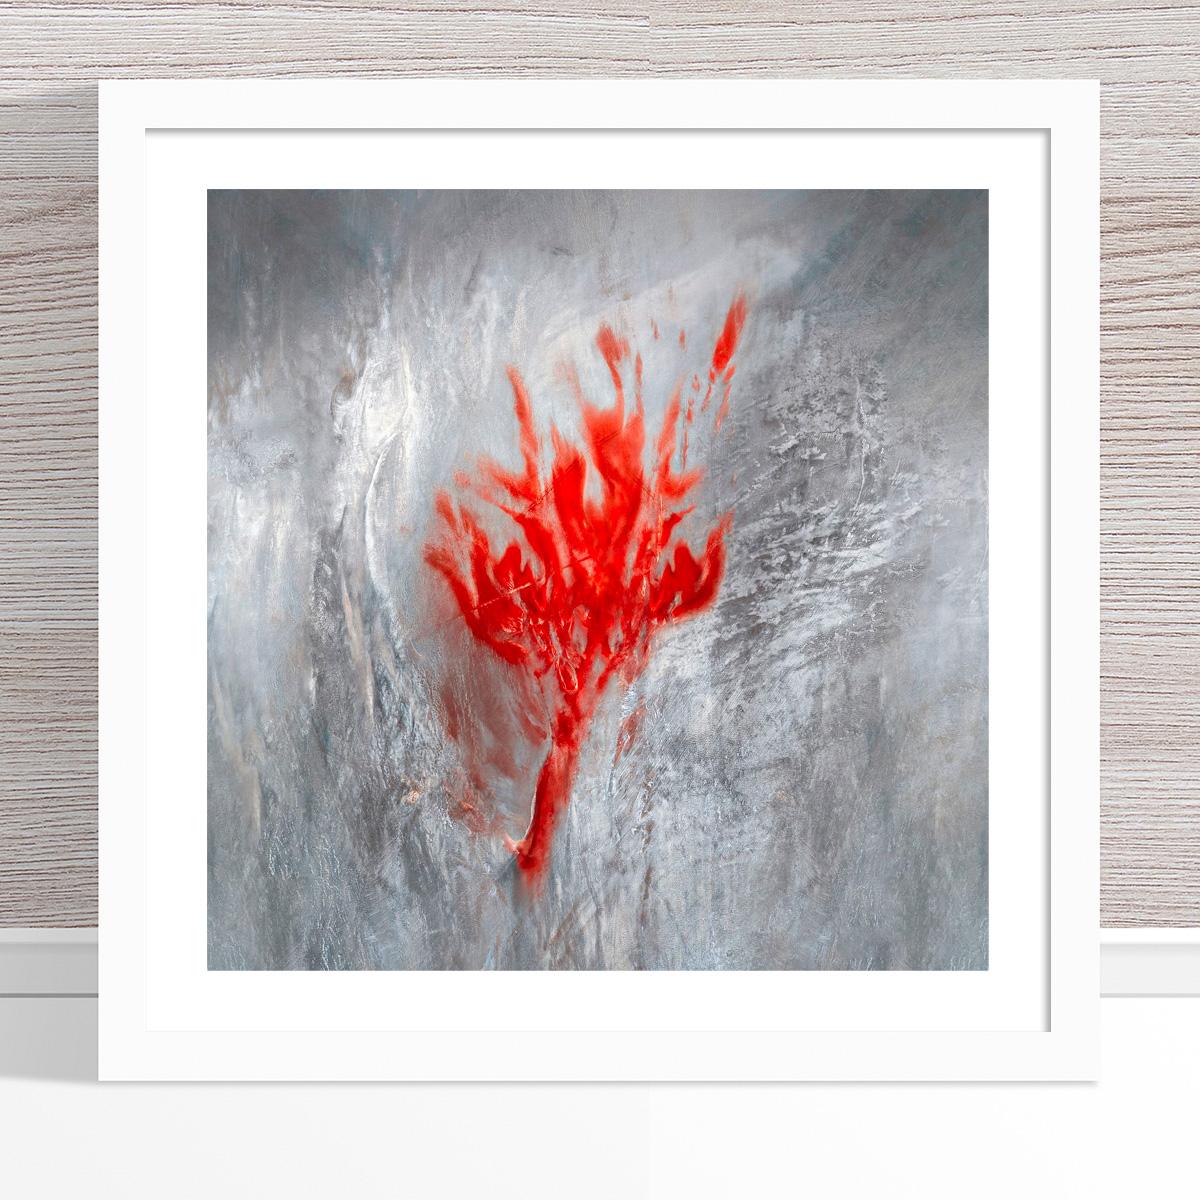 Chris Saunders - 'Aerial Salt 009' White Frame